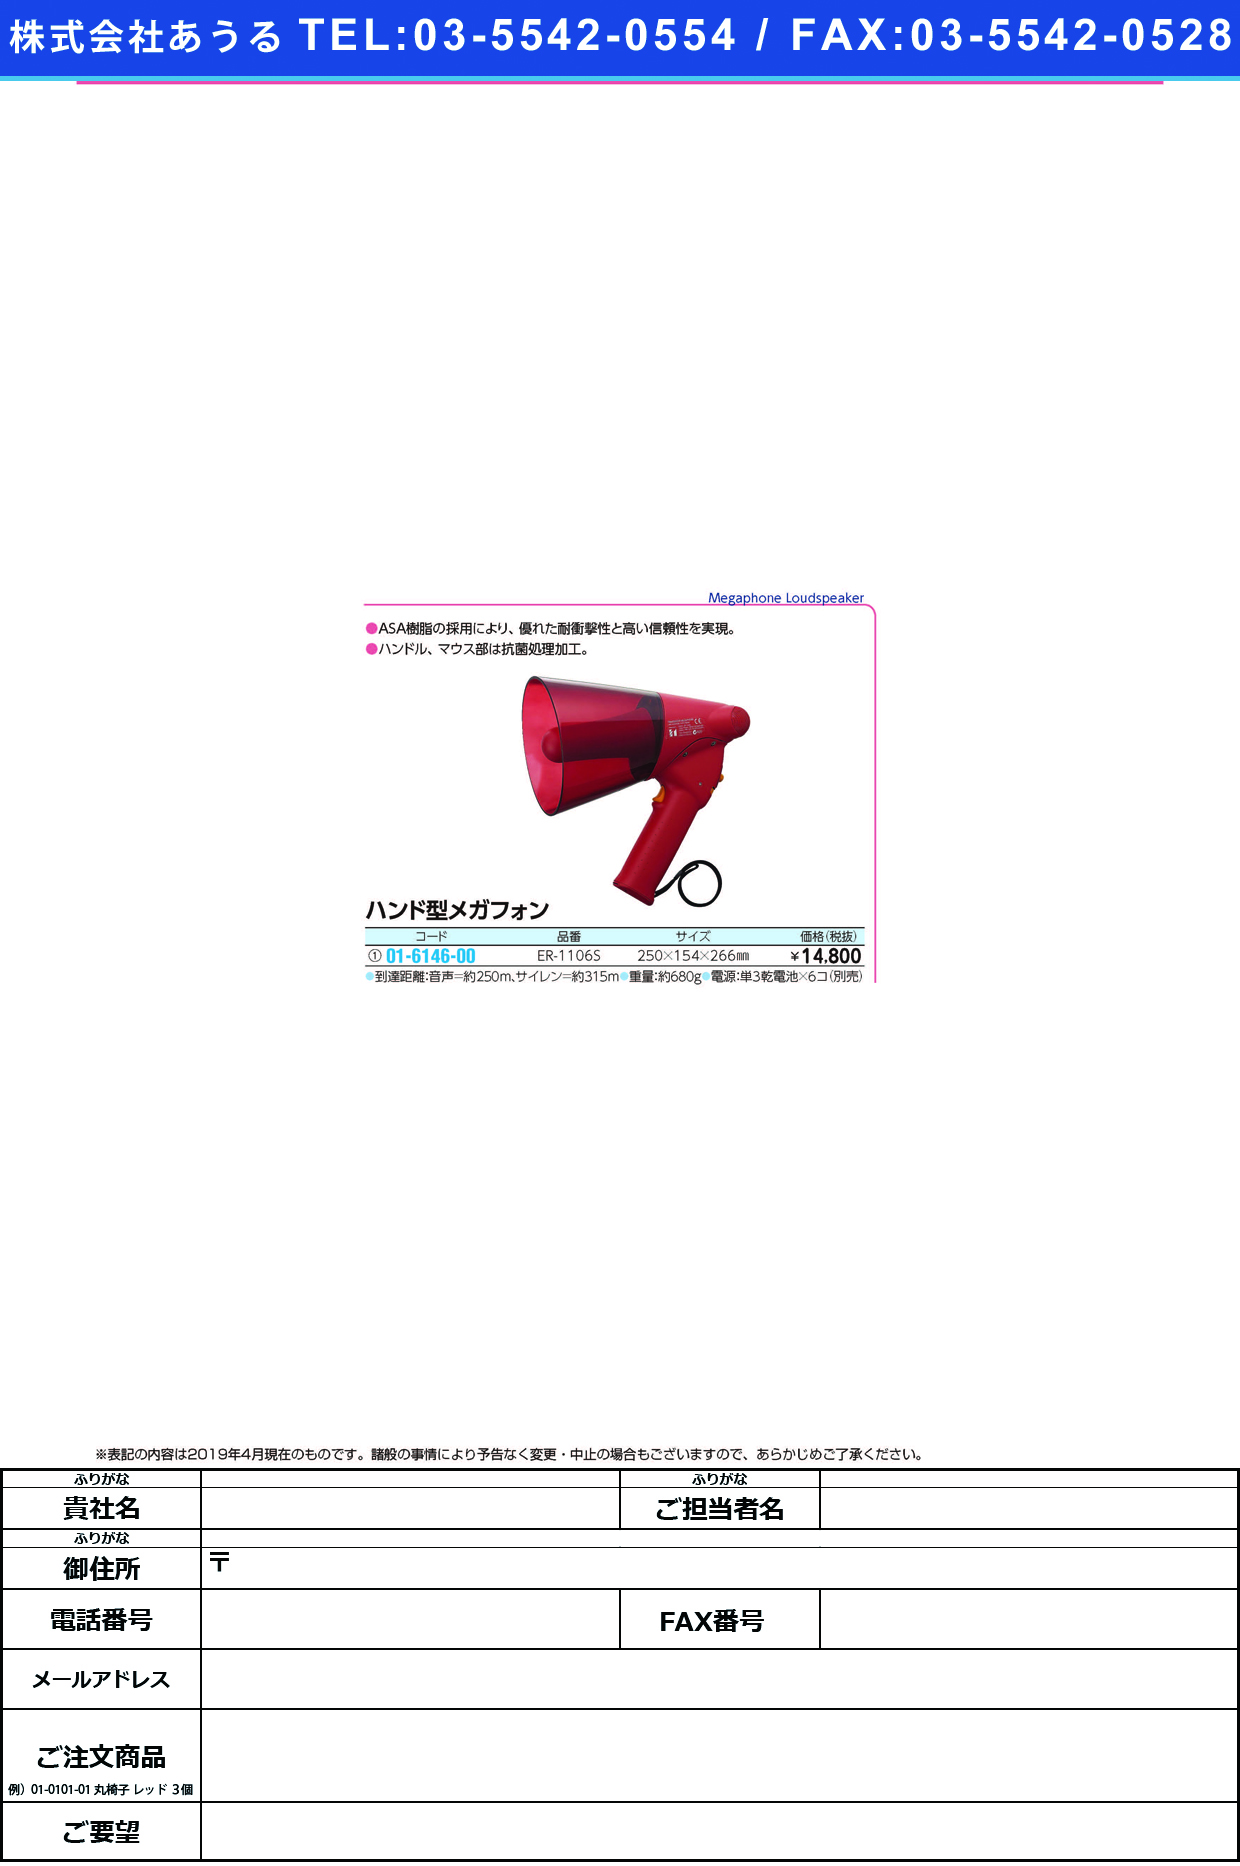 (01-6146-00)ハンド型メガフォン(赤) ER-1106S(サイレンツキ) ハンドガタメガフォン【1台単位】【2019年カタログ商品】